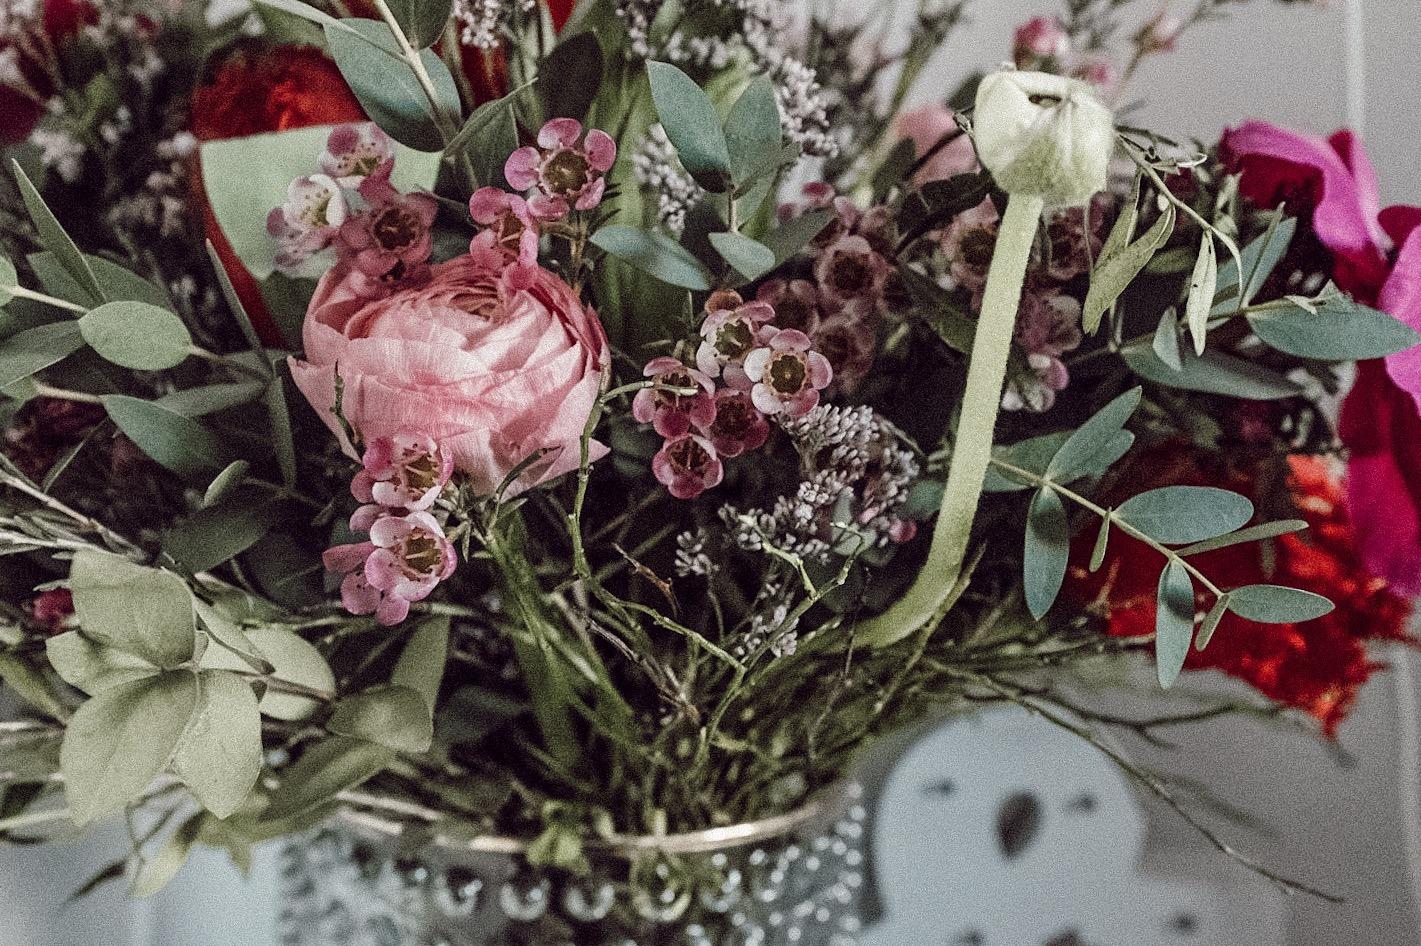 Im Strauß Liebesbotschaft von Fleurop finden sich neben viel grün, wunderschöne Ranunkeln und Wachsblumen. Beide gehören übrigens zu meinen Lieblingsblumen!